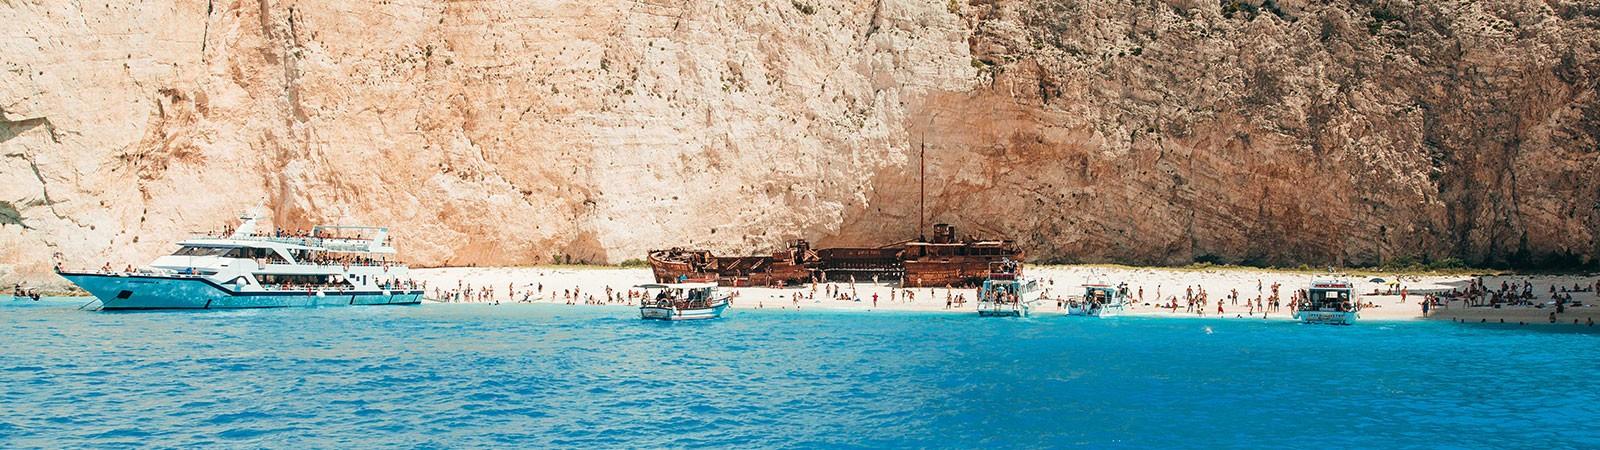 Navagio - Spiaggia del relitto simbolo dei viaggi giovani a zante